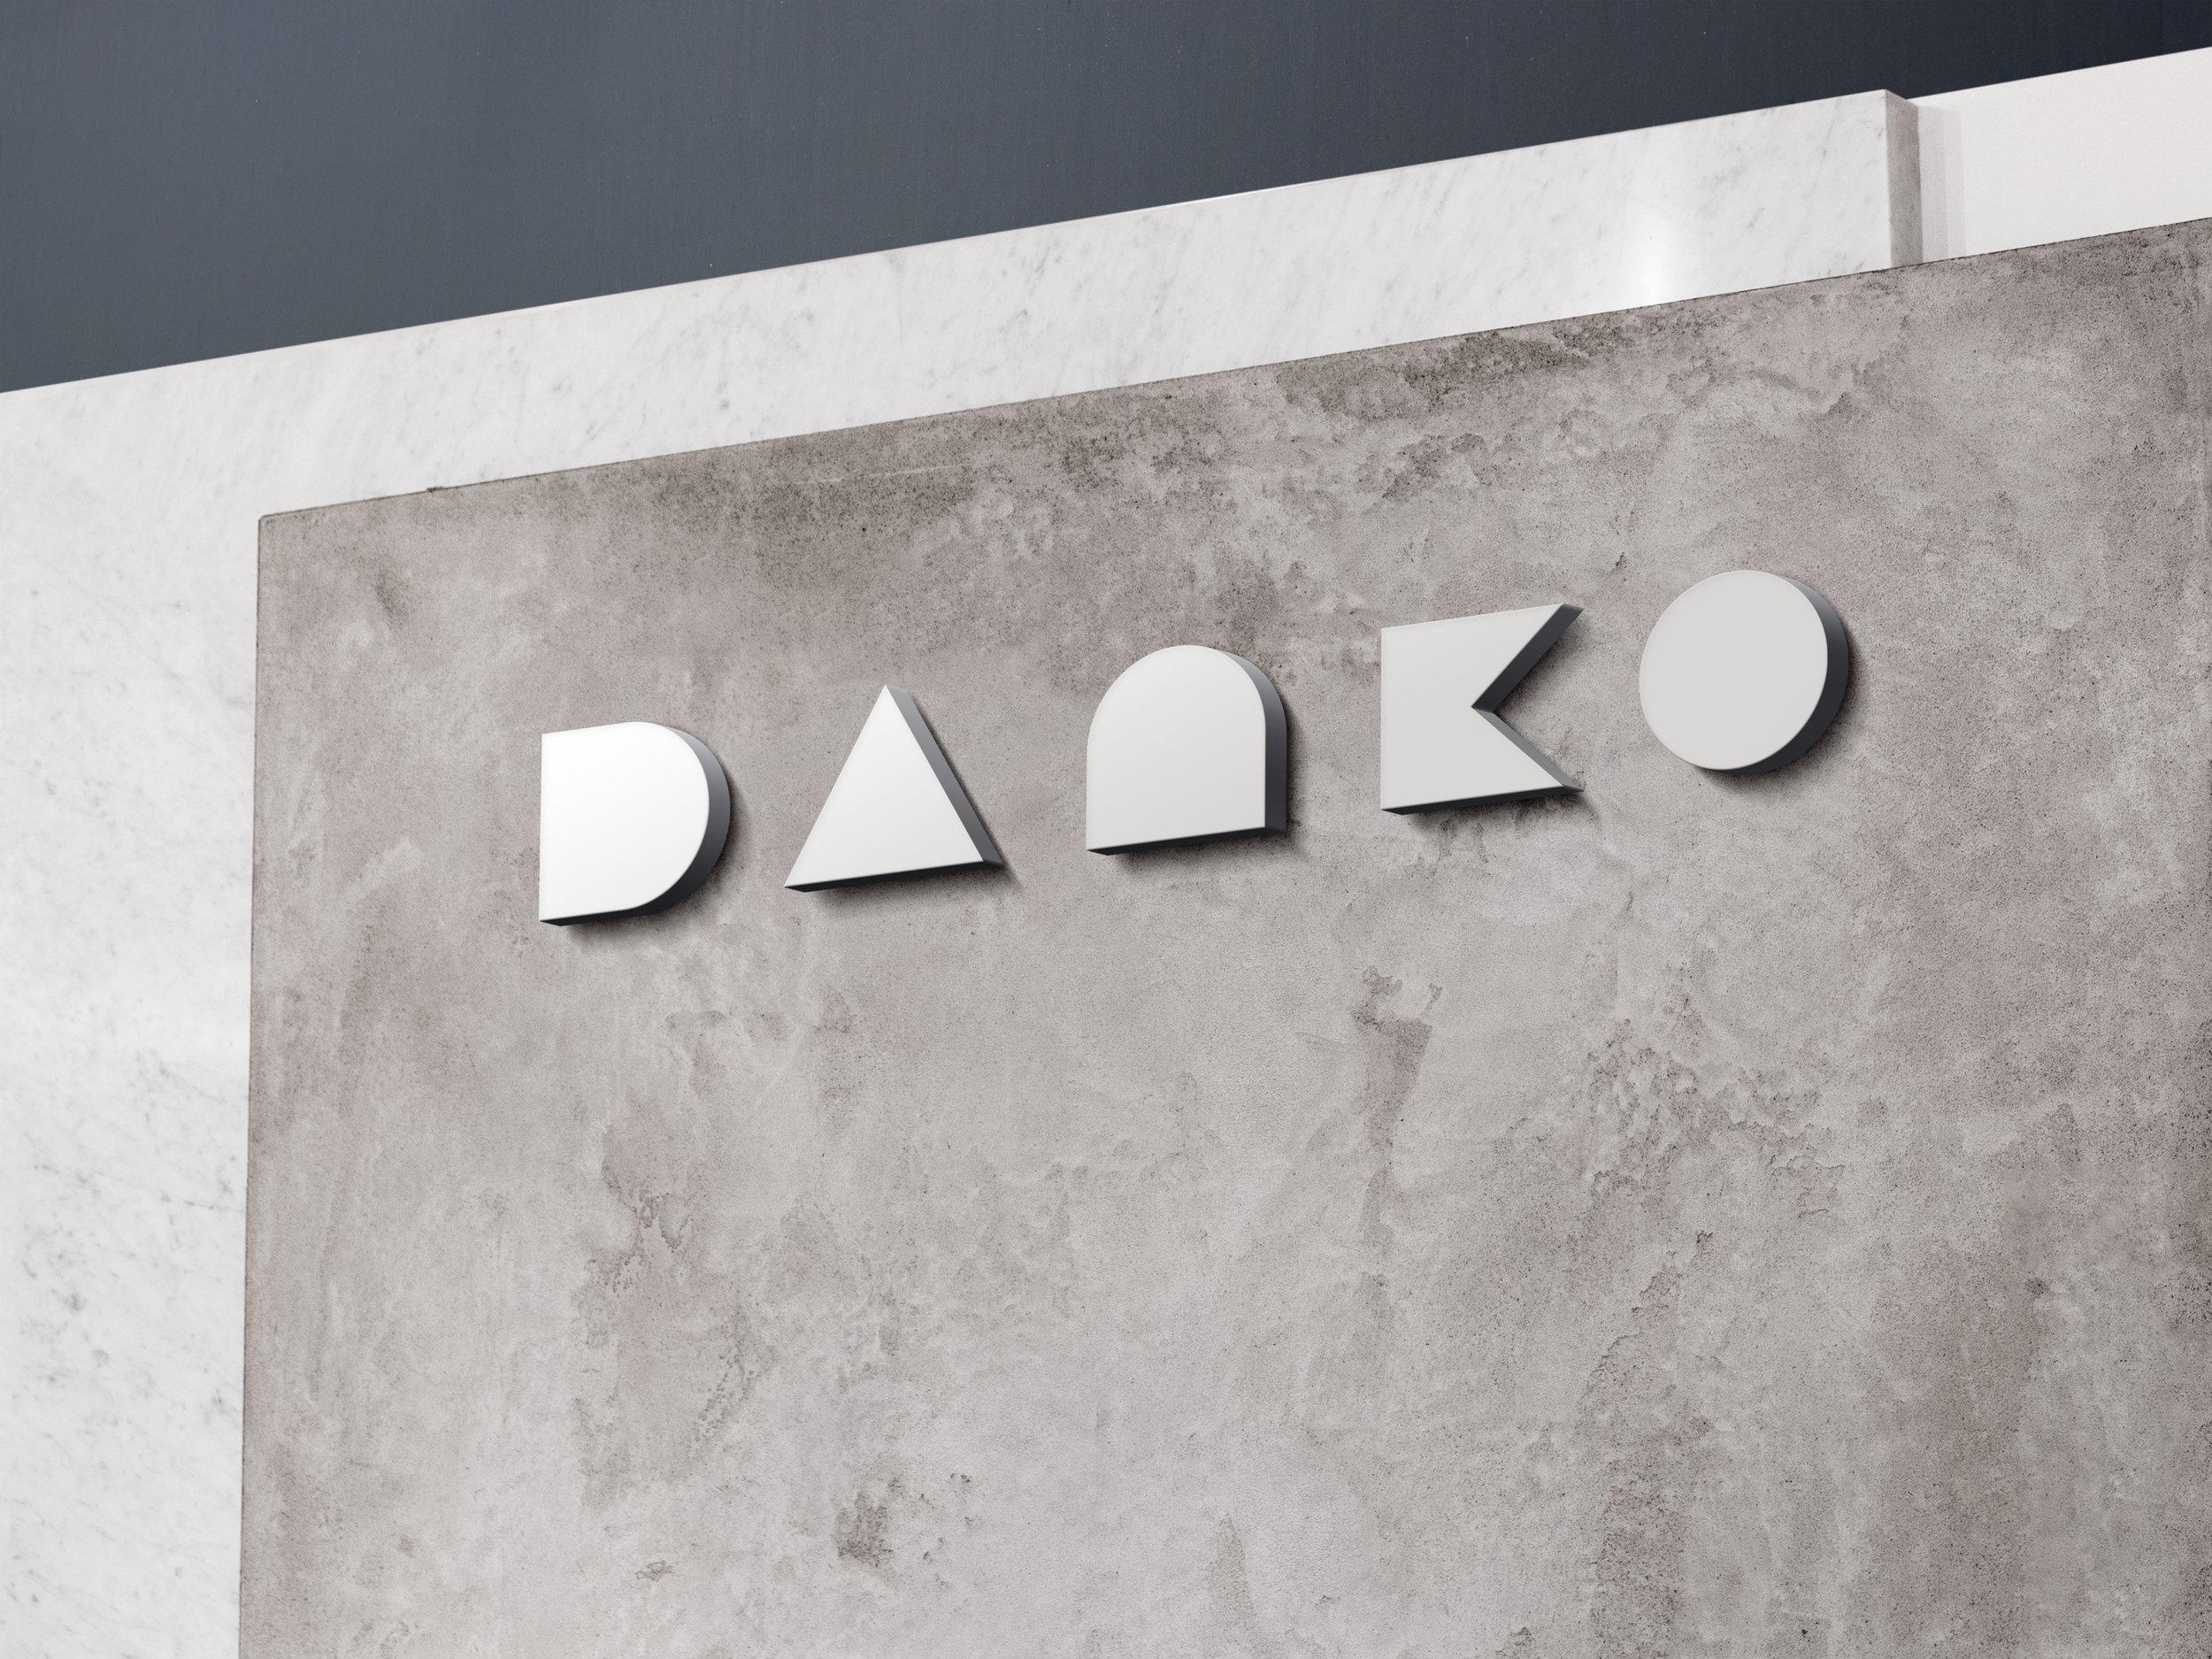 DANKO_wall.jpg